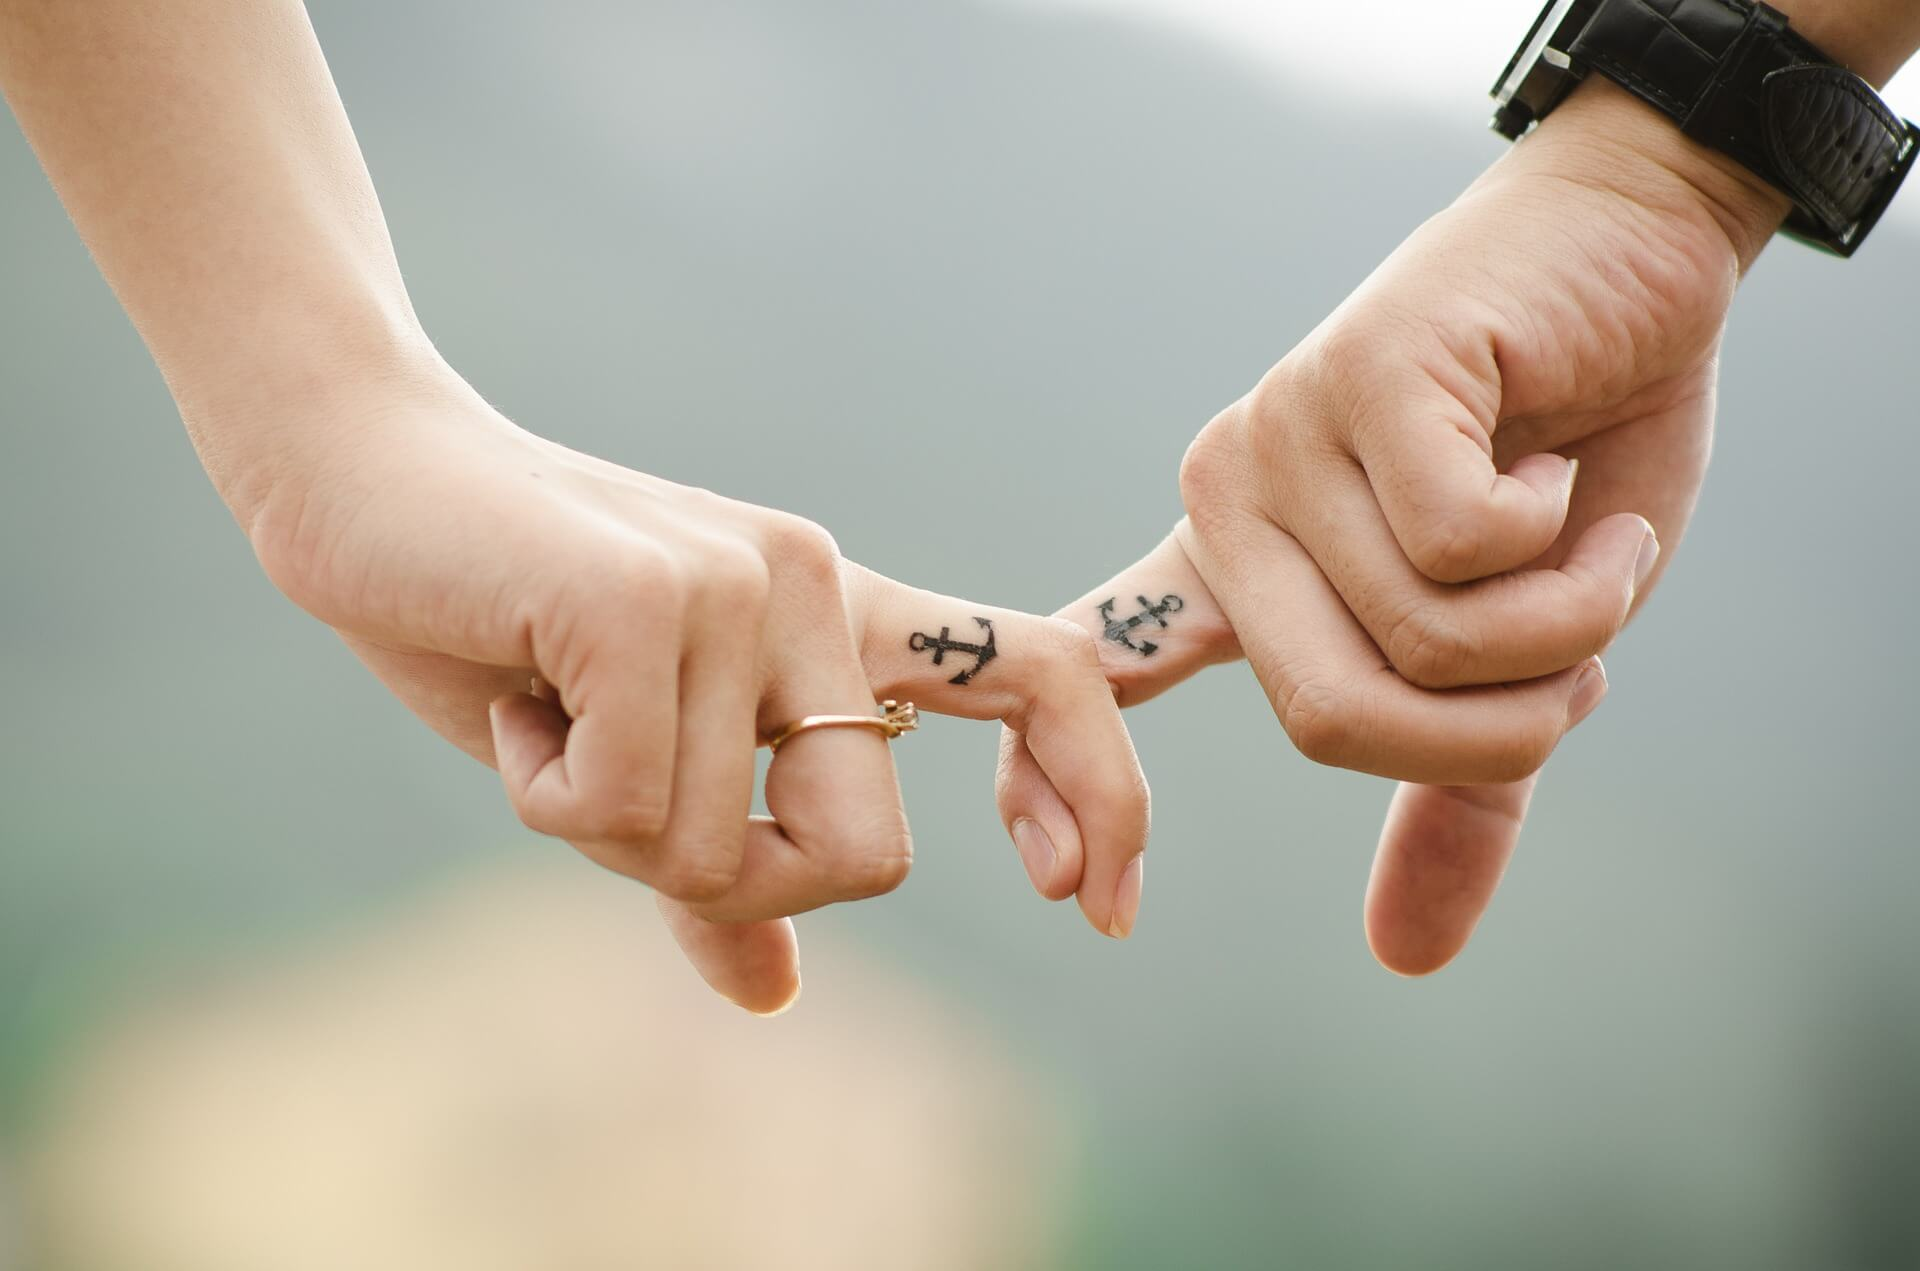 manos-pareja-amor-relacion-dedos